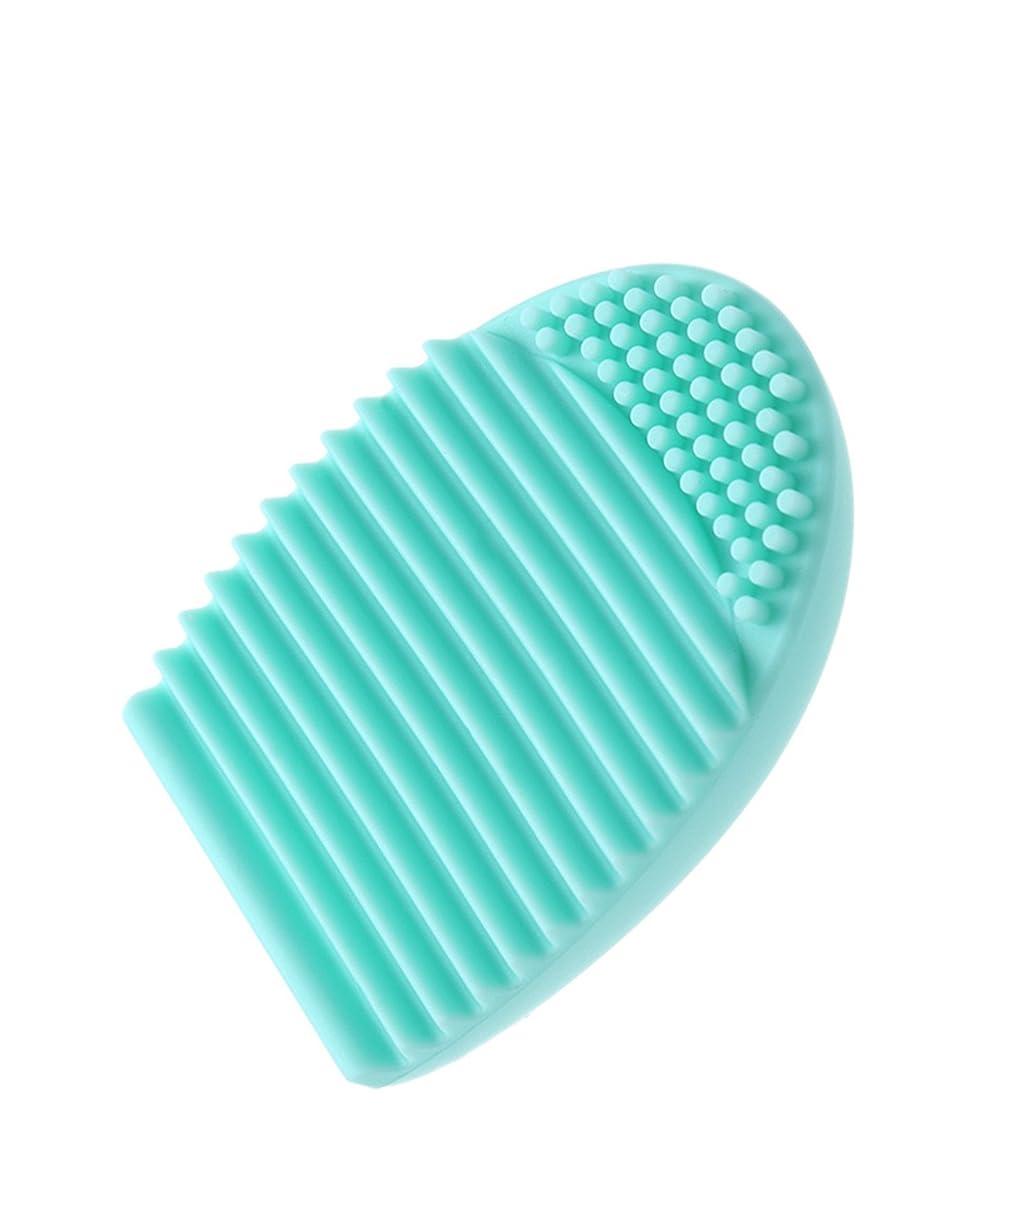 木曜日臭いポジションノーブランド 化粧ブラシ クリーニング 手袋 メイクブラシクリーナー 洗濯板 シリコン 化粧筆清潔 雑貨 旅行 清掃ブラシ 可愛い 明るい 水色